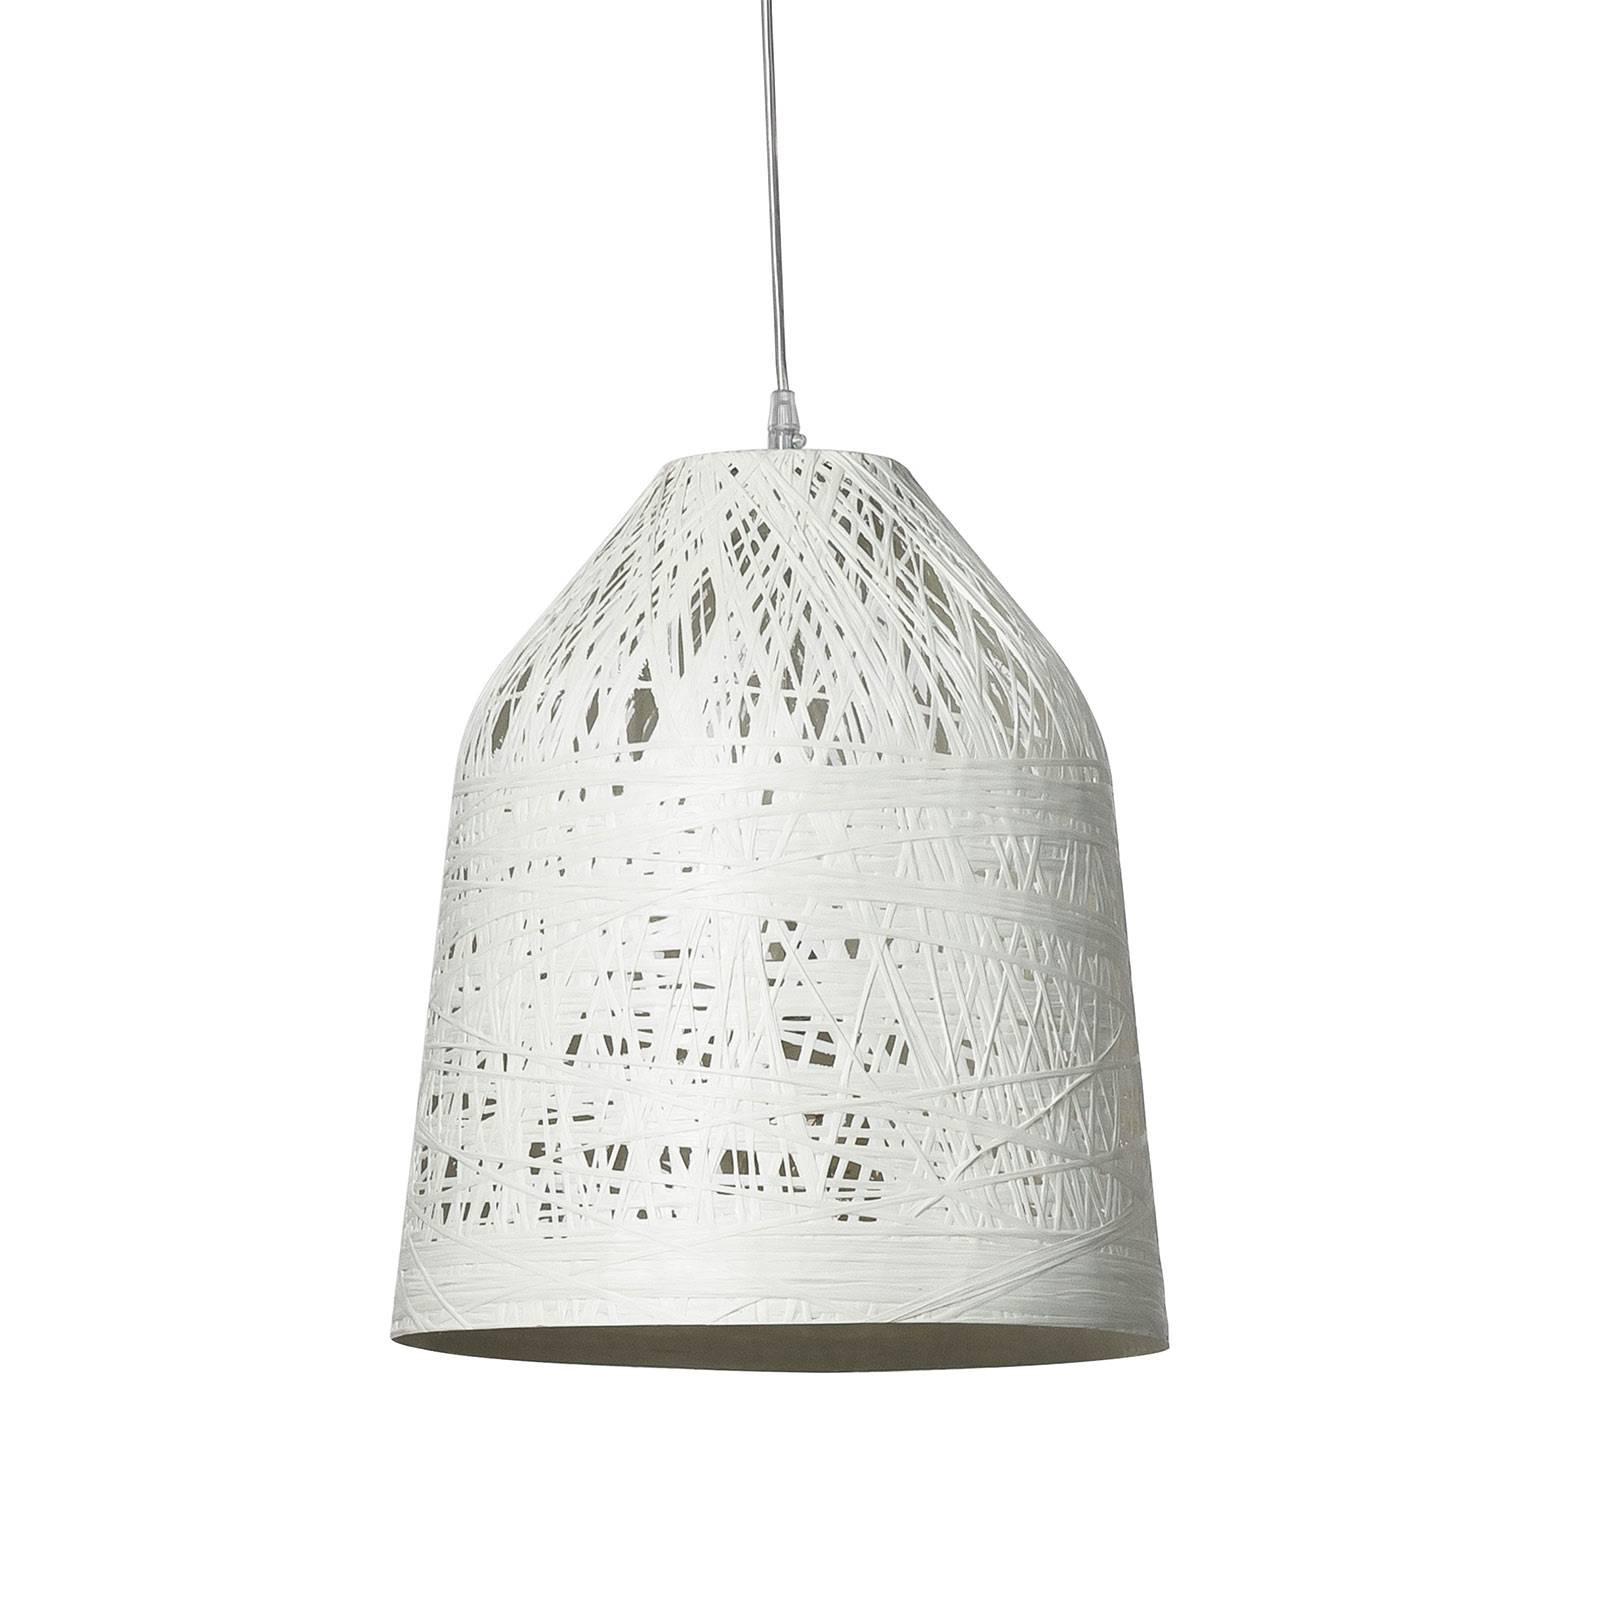 Karman Black Out lampa wisząca, Ø 35 cm, biała